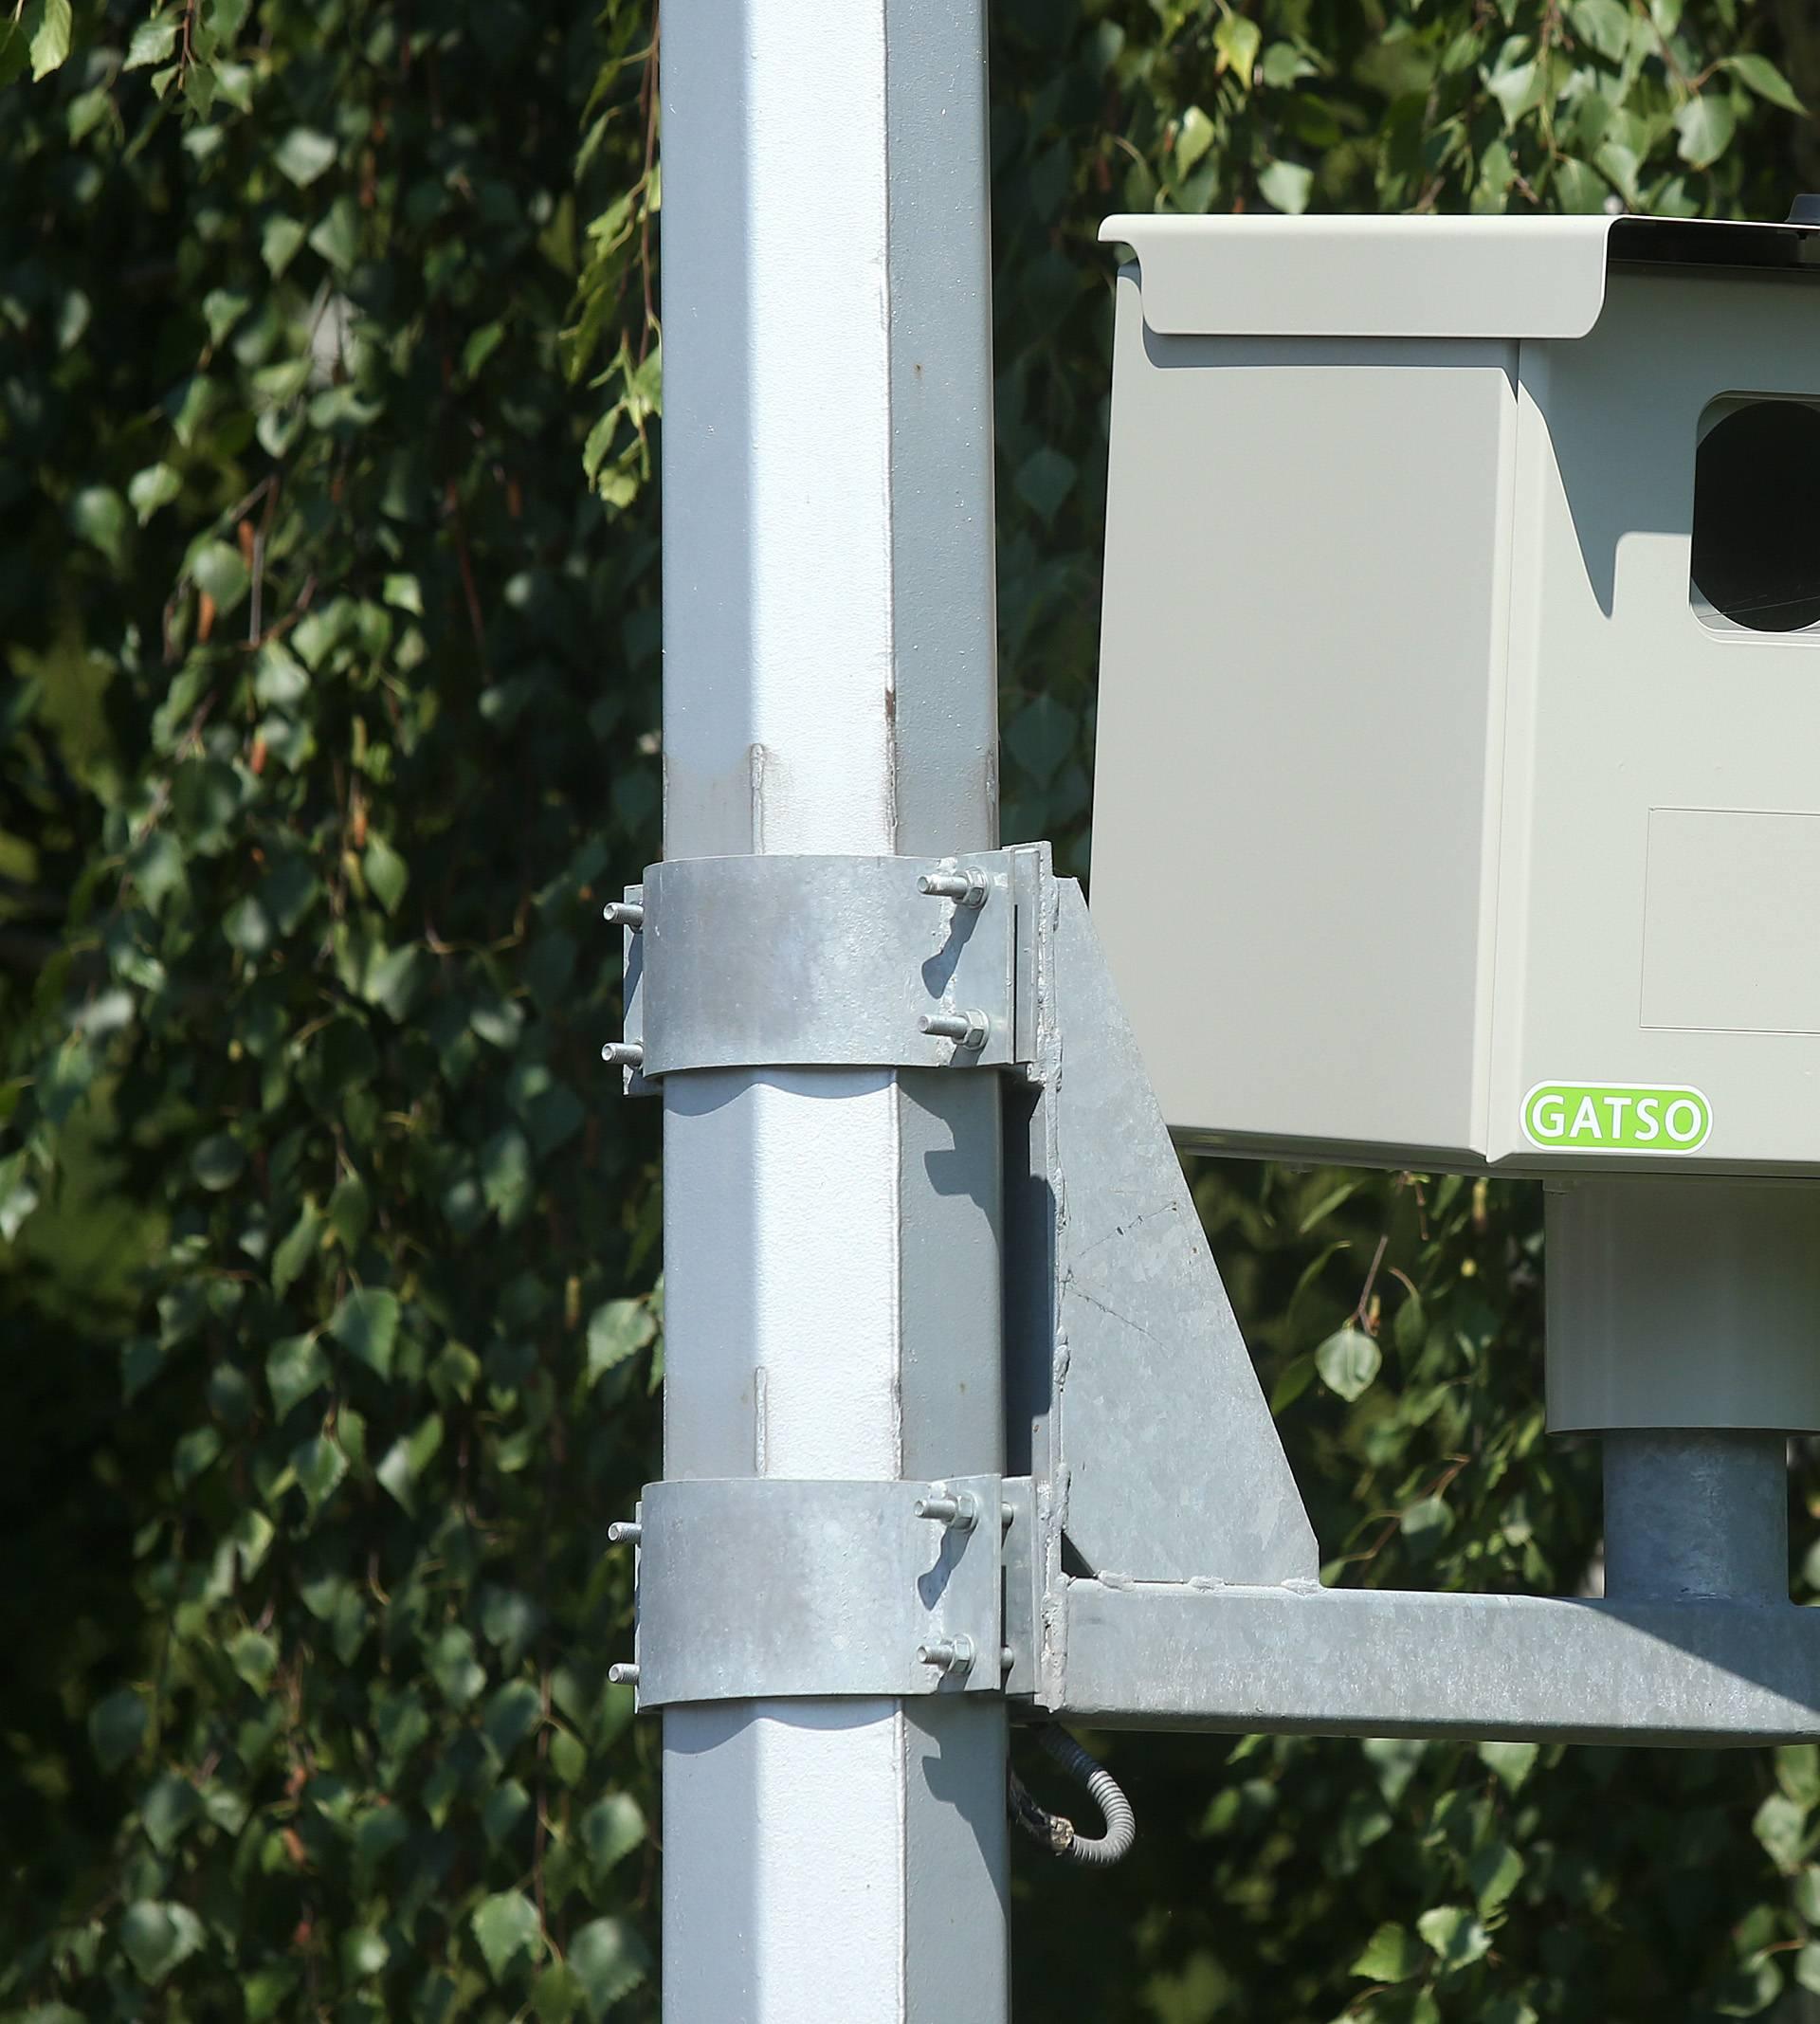 Oprostit će stotine kazni jer su kamere bile zaražene virusom